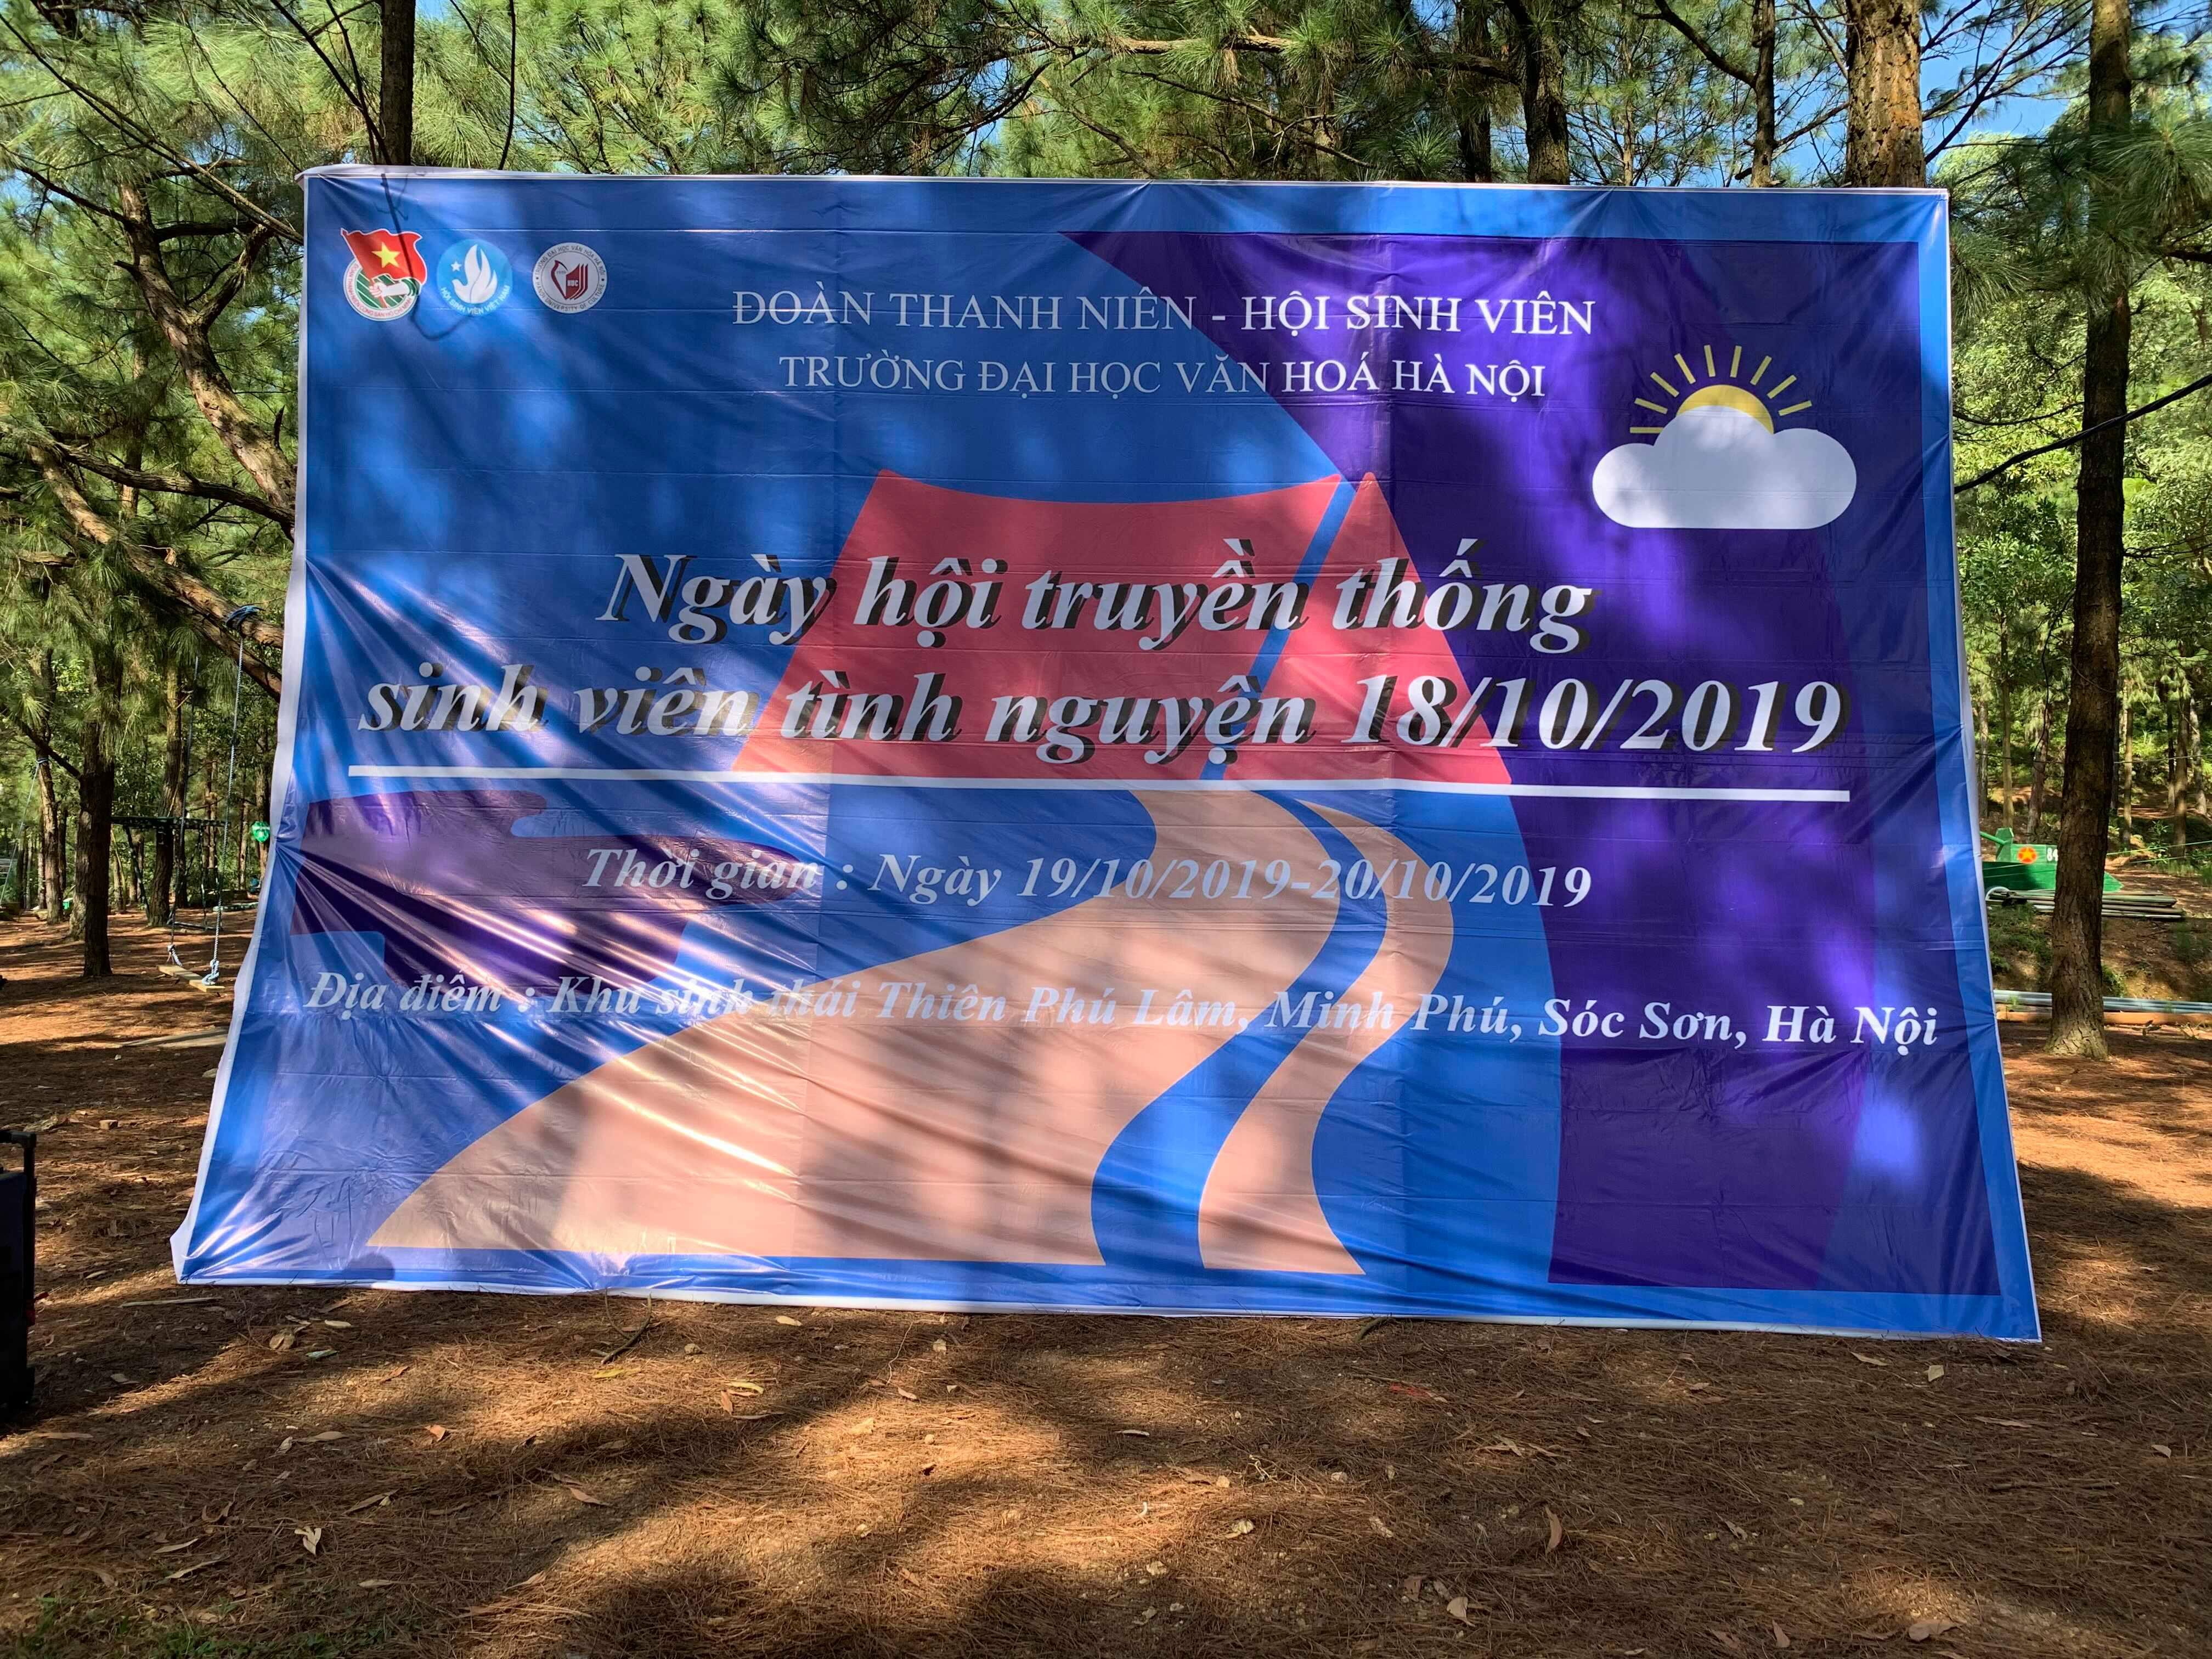 Ngày hội truyền thống Sinh viên tình nguyện Trường Đại học Văn hóa Hà Nội 2019